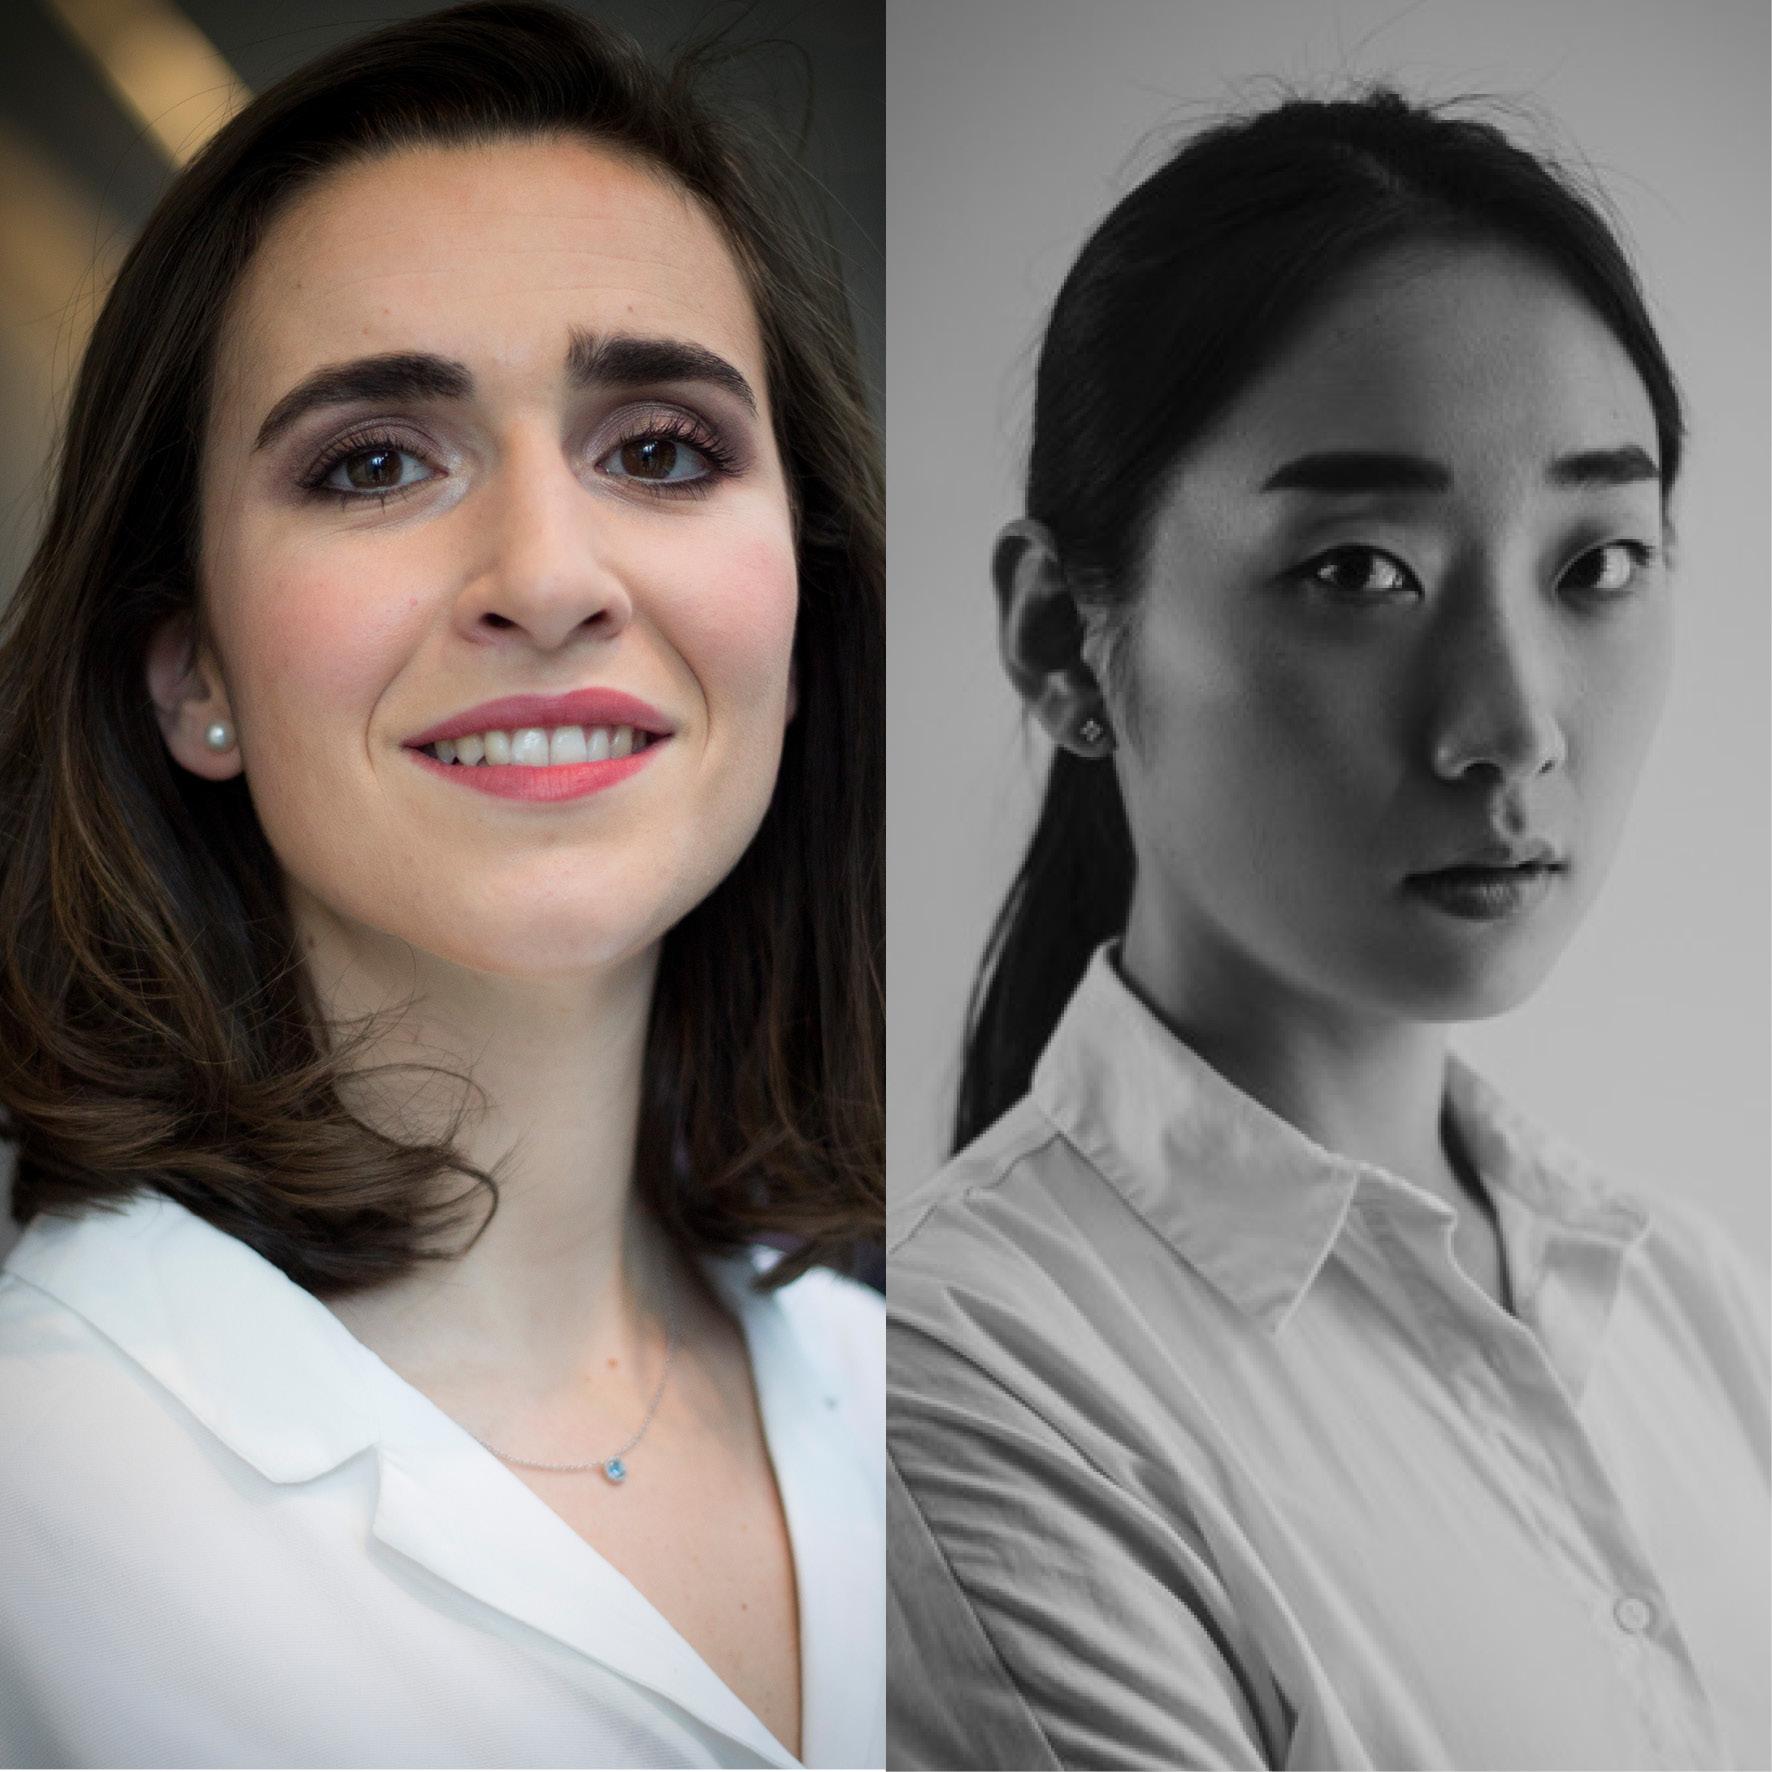 Duo 1: Carmen Artaza / Haeun Jang